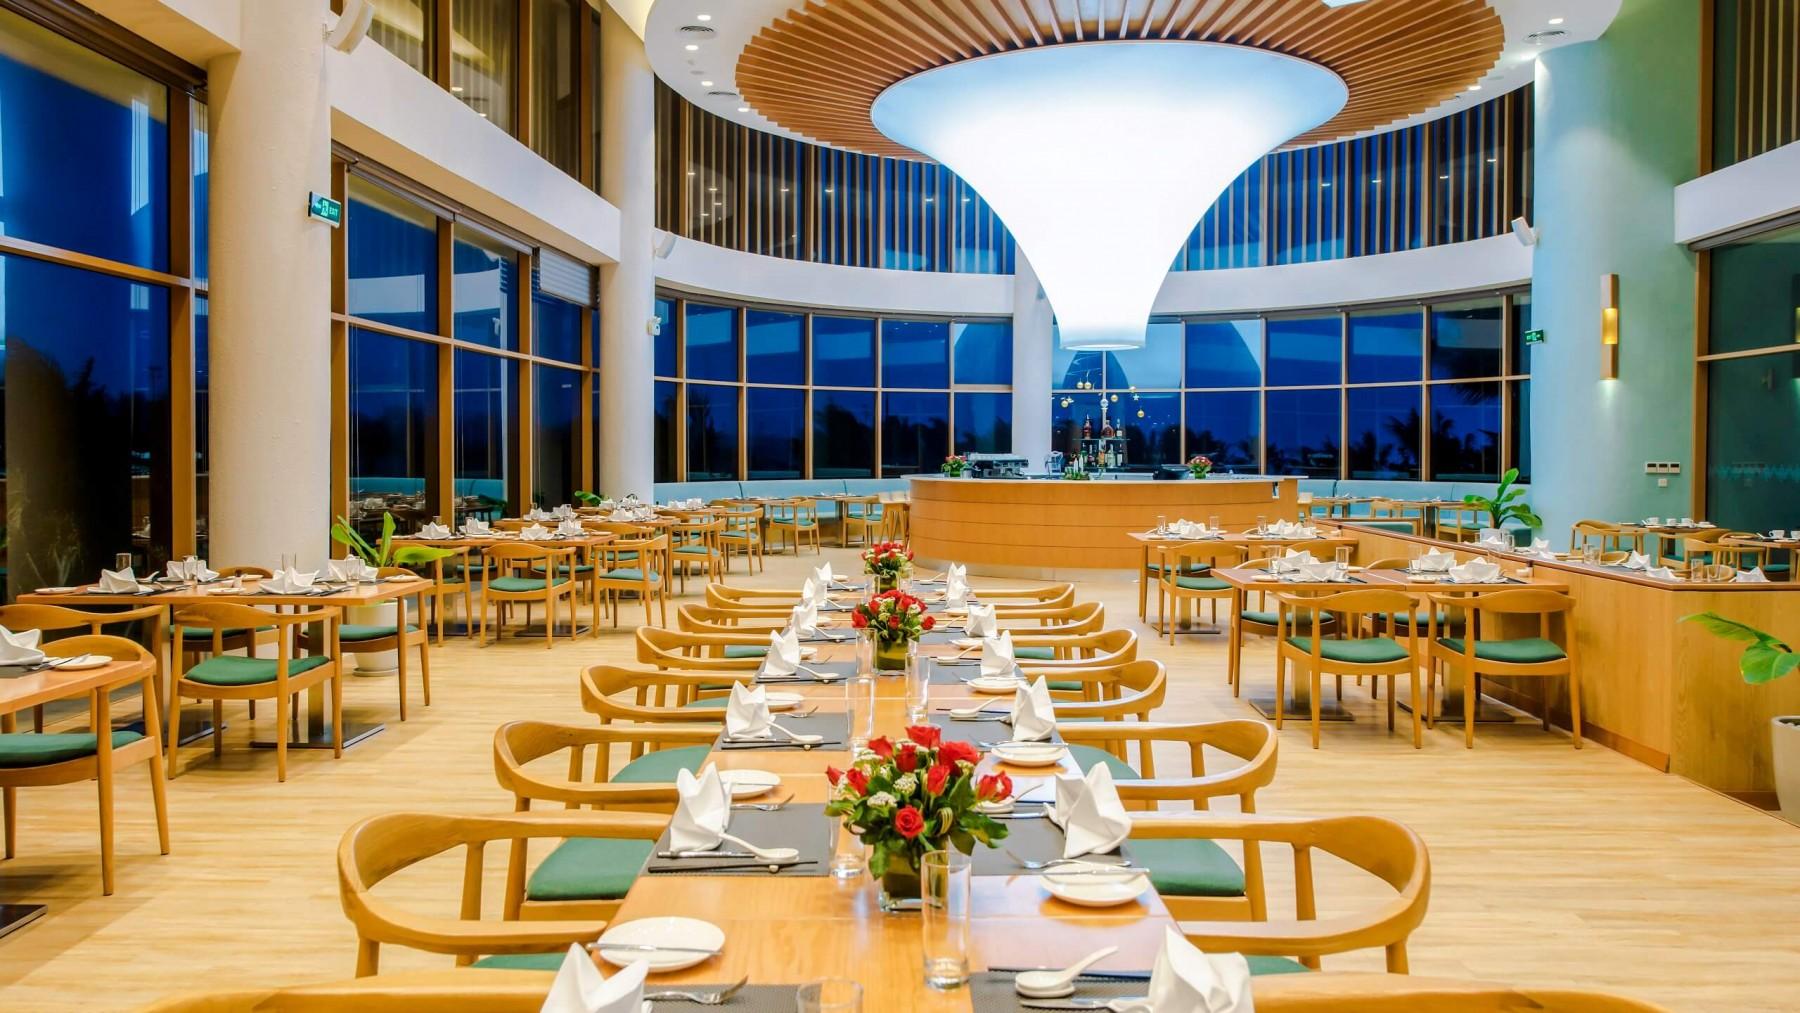 Terrace Bay - Nhà hàng chính củaFLC Luxury Hotel Quy Nhon